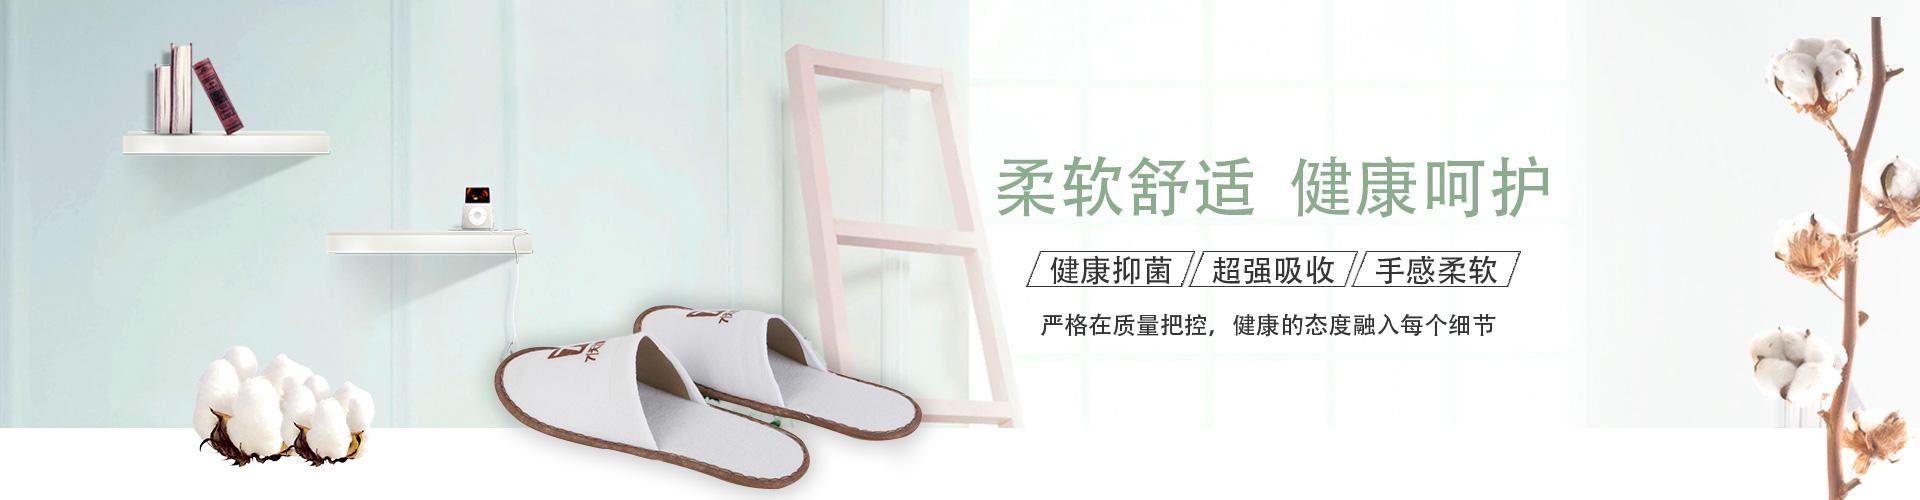 扬州尚行旅游用品有限公司